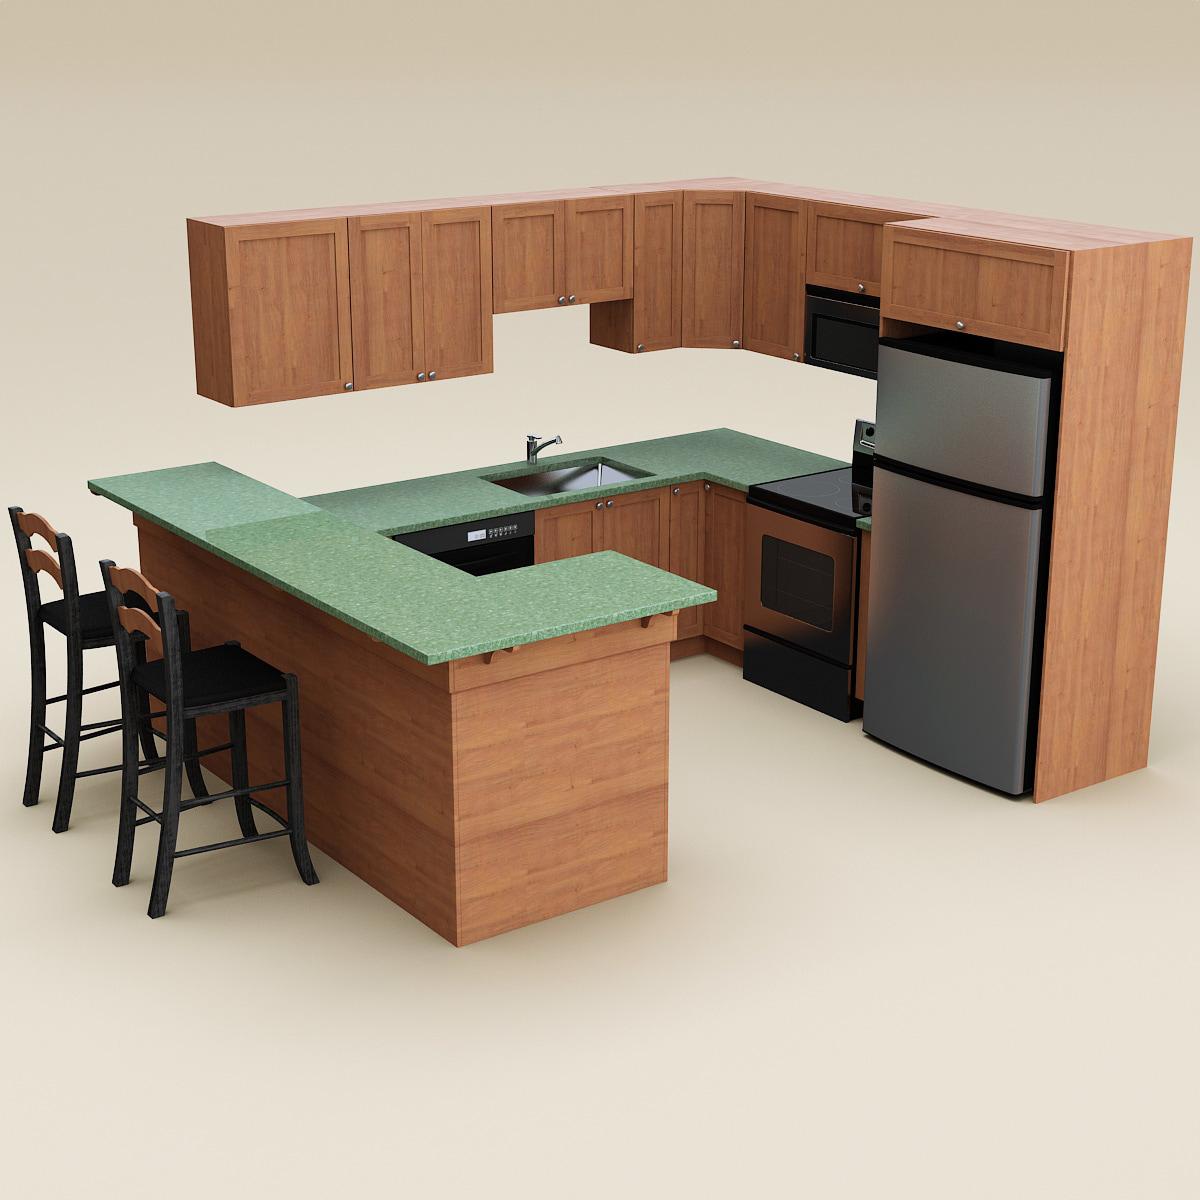 Kitchen_V17_001.jpg